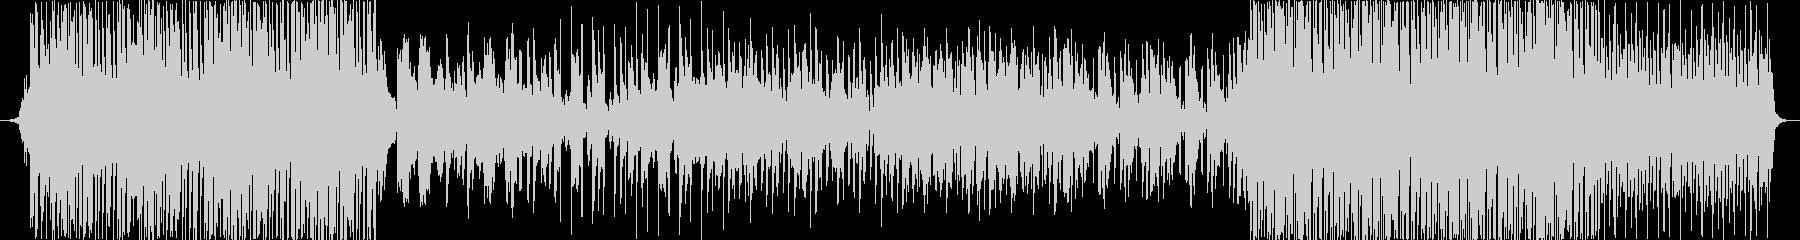 フルートと和楽器のトロピカルハウス風楽曲の未再生の波形